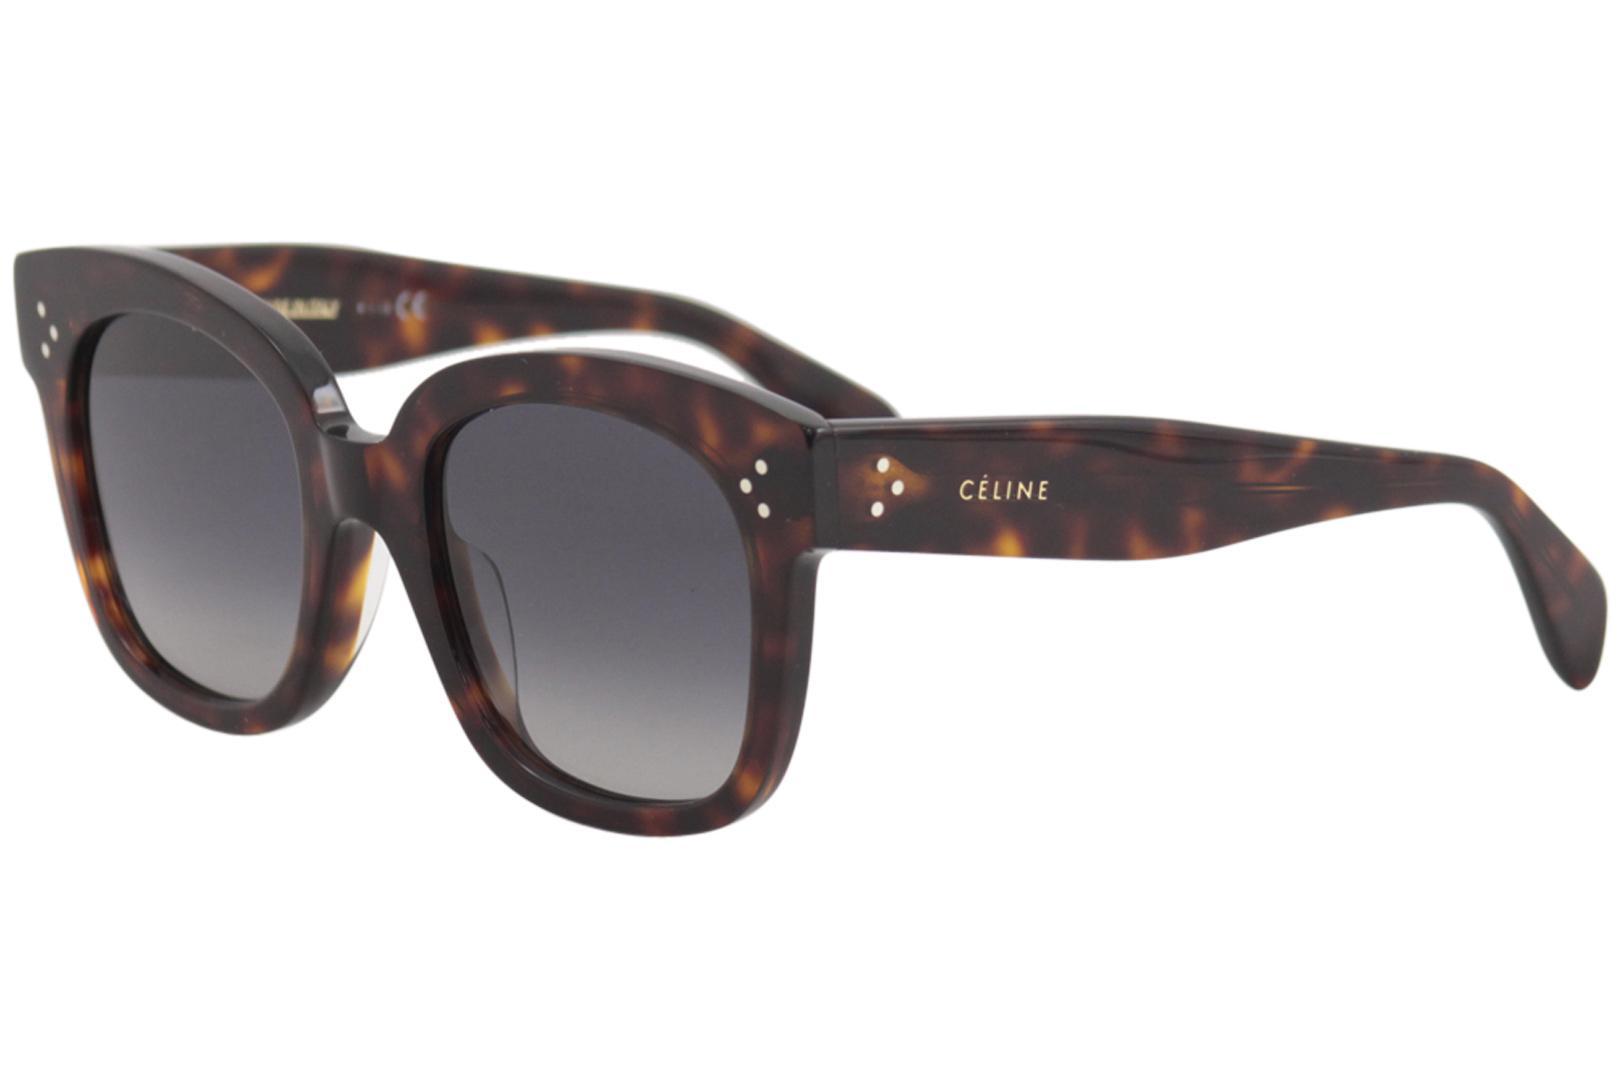 344e88d25fb5 Celine Women's CL40002U CL/40002/U Fashion Square Sunglasses by Celine